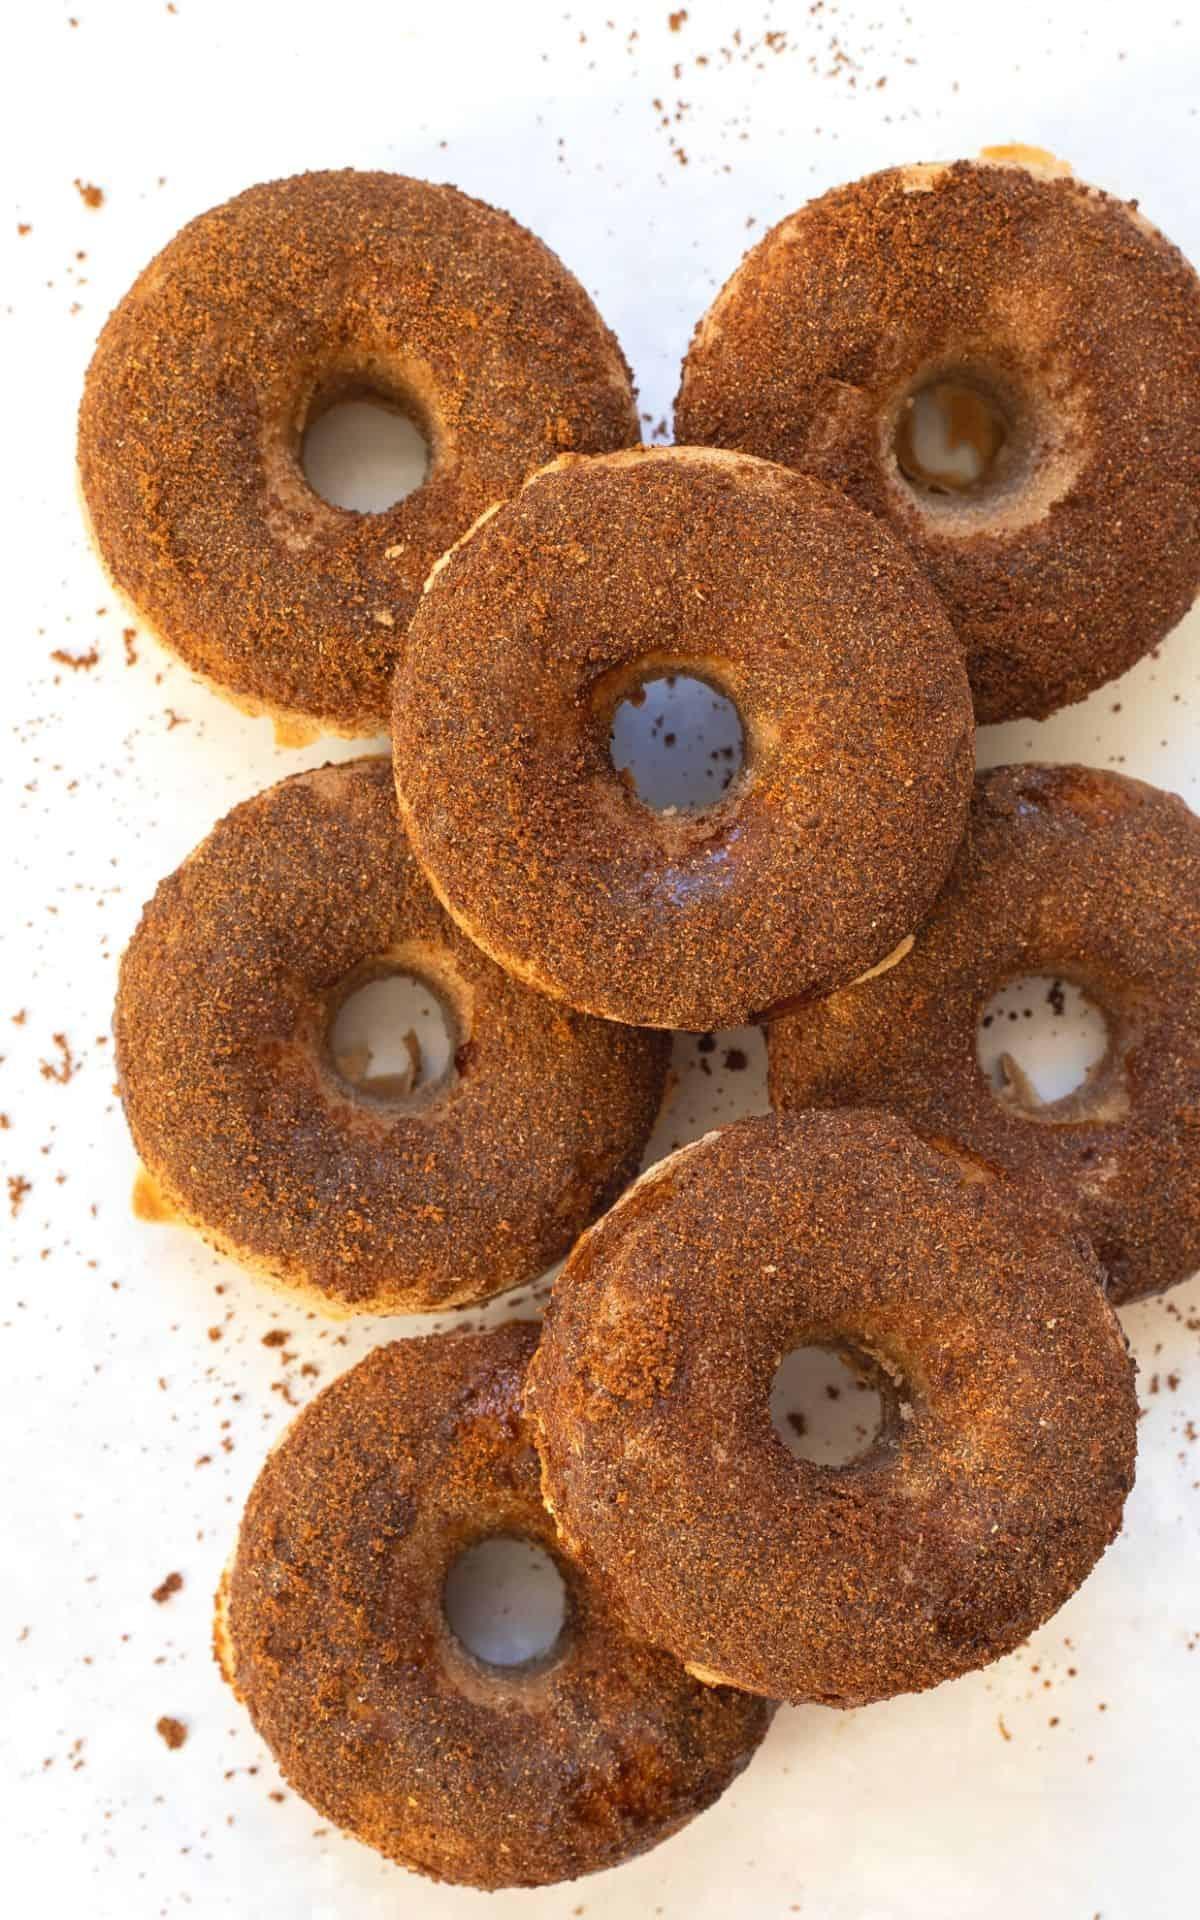 Gluten-Free Cinnamon Baked Doughnuts